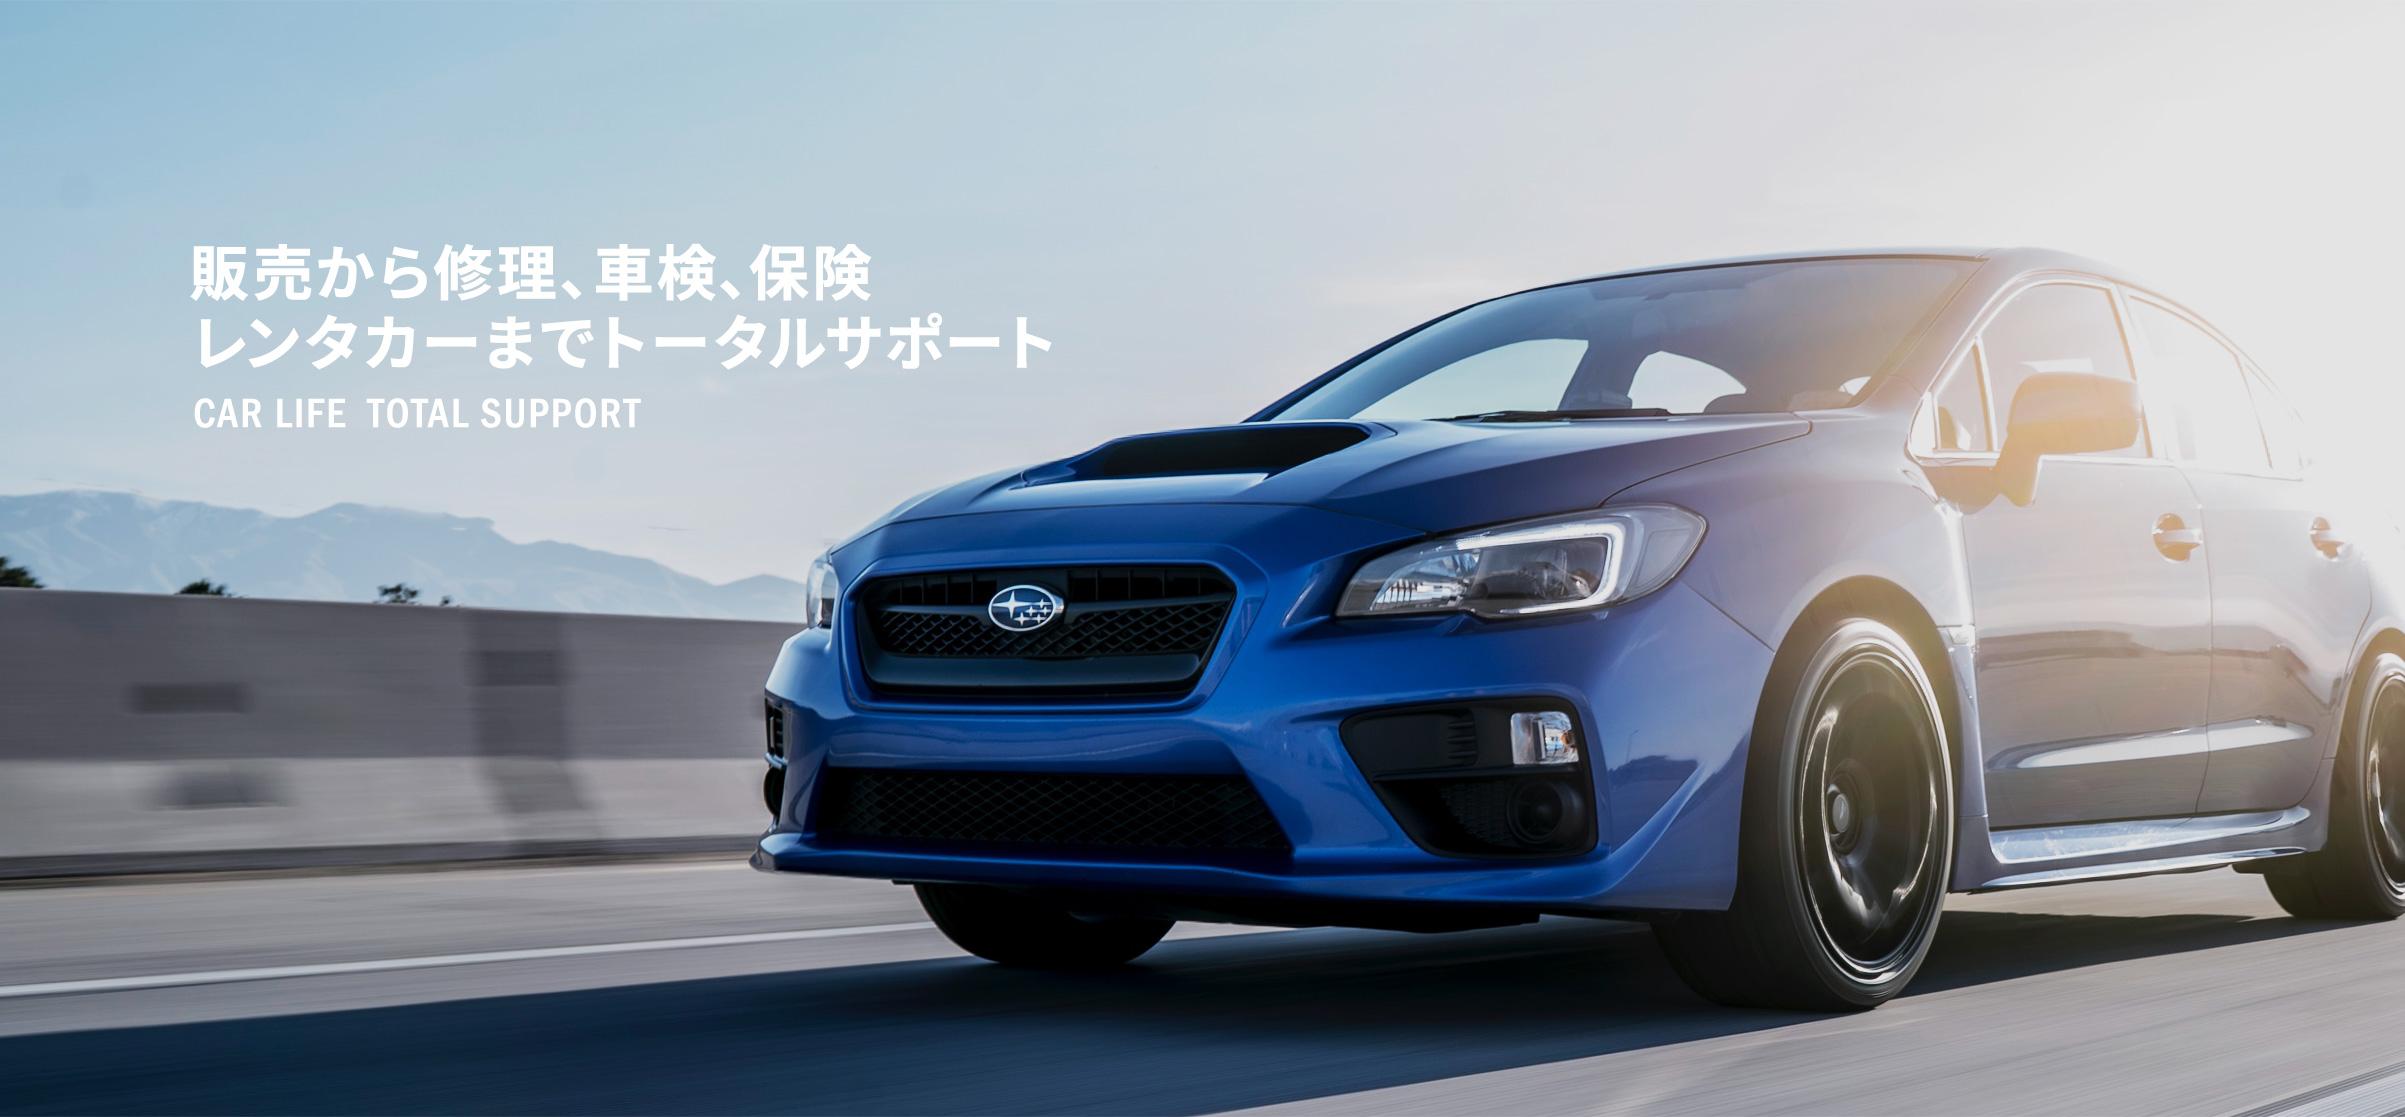 株式会社樋川自動車 スバルショップ弘前青山店